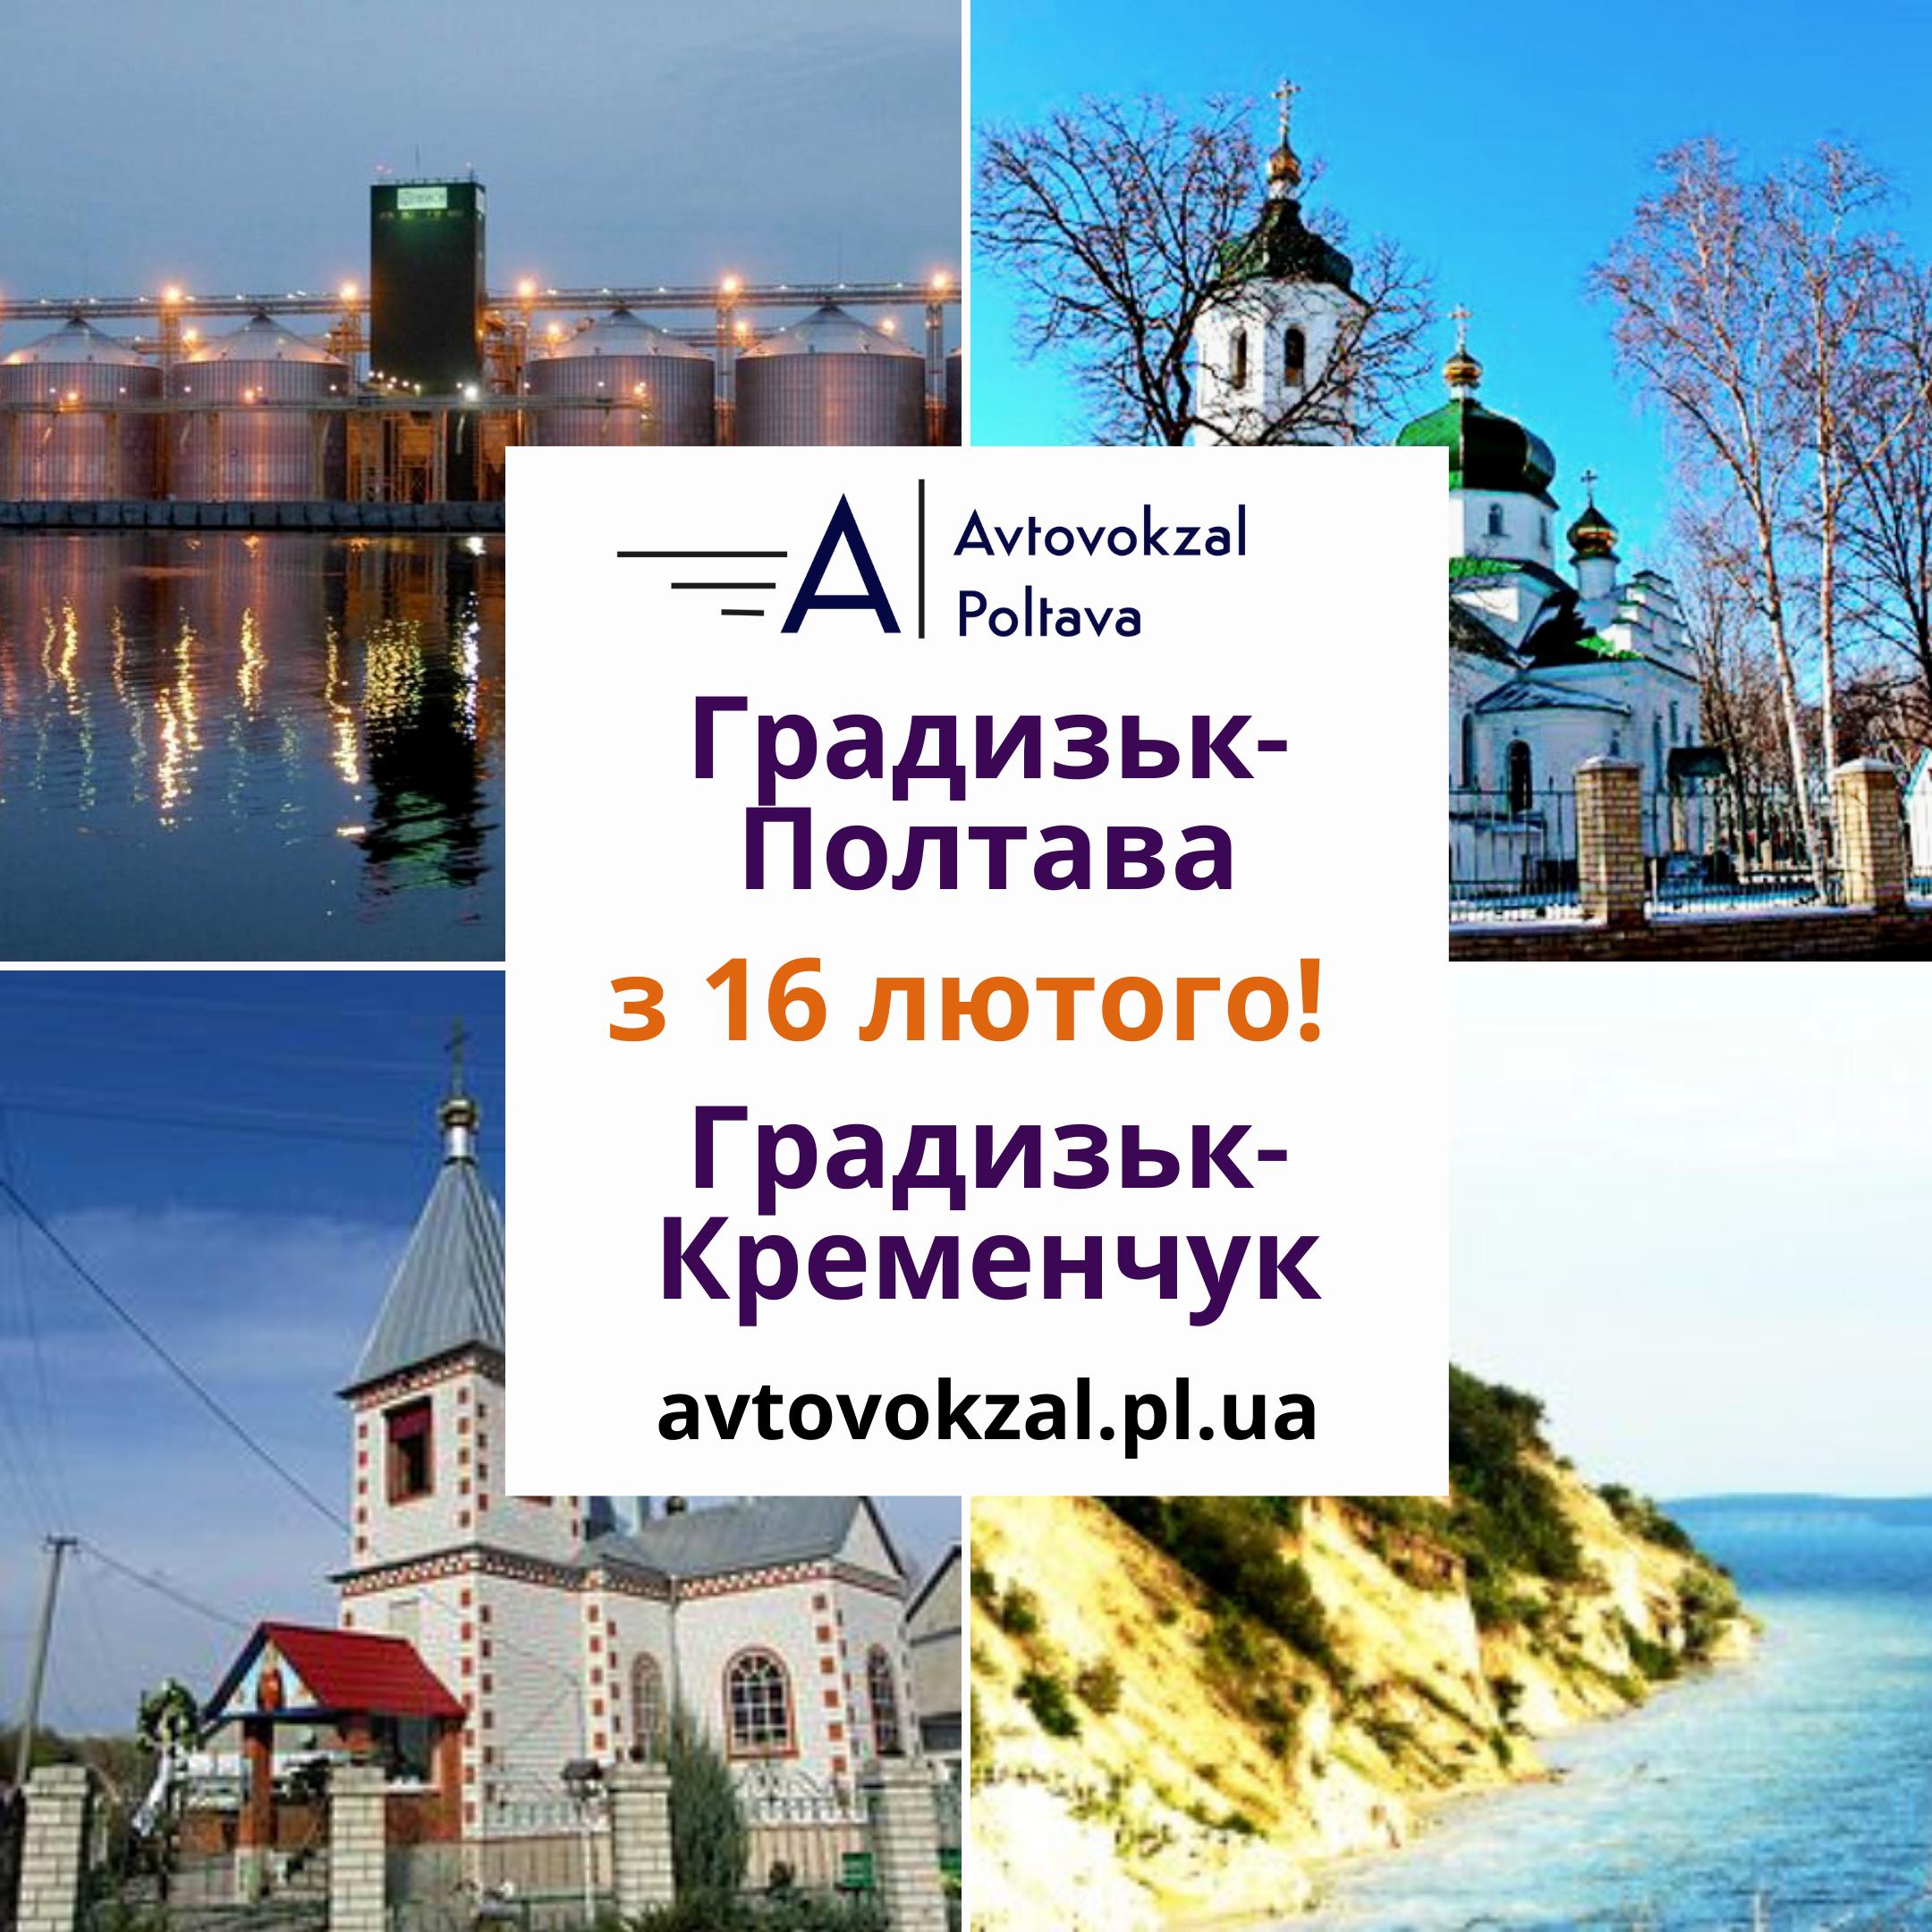 З 16 лютого починає рух оновлений автобусний рейс ГРАДИЗЬК – ПОЛТАВА